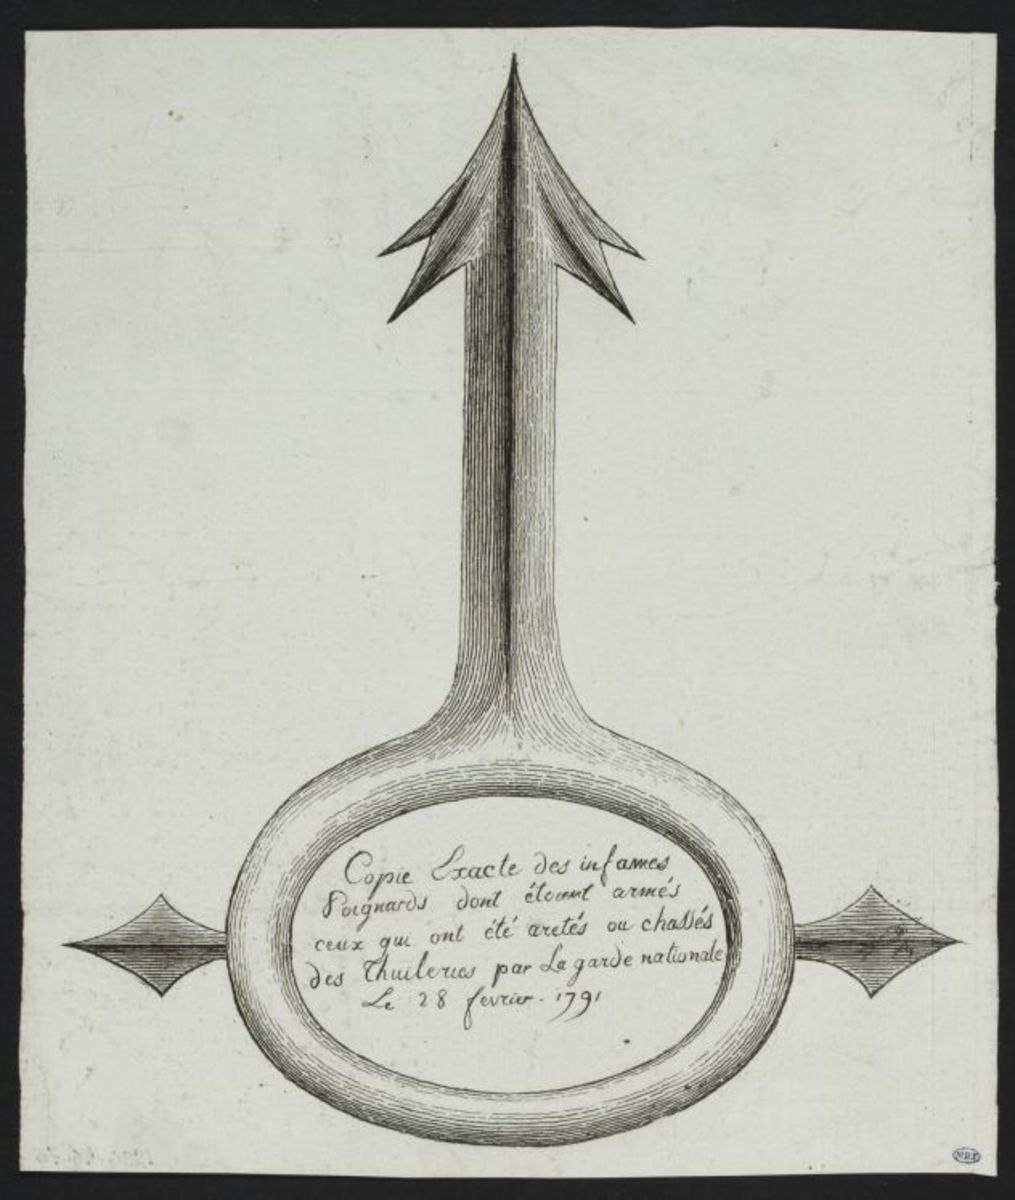 Copie exacte des infames poignards dont étaient armés ceux qui ont été arretés au chassés des Tuileries par la garde nationale le 28 fevrier 1791 Estampe